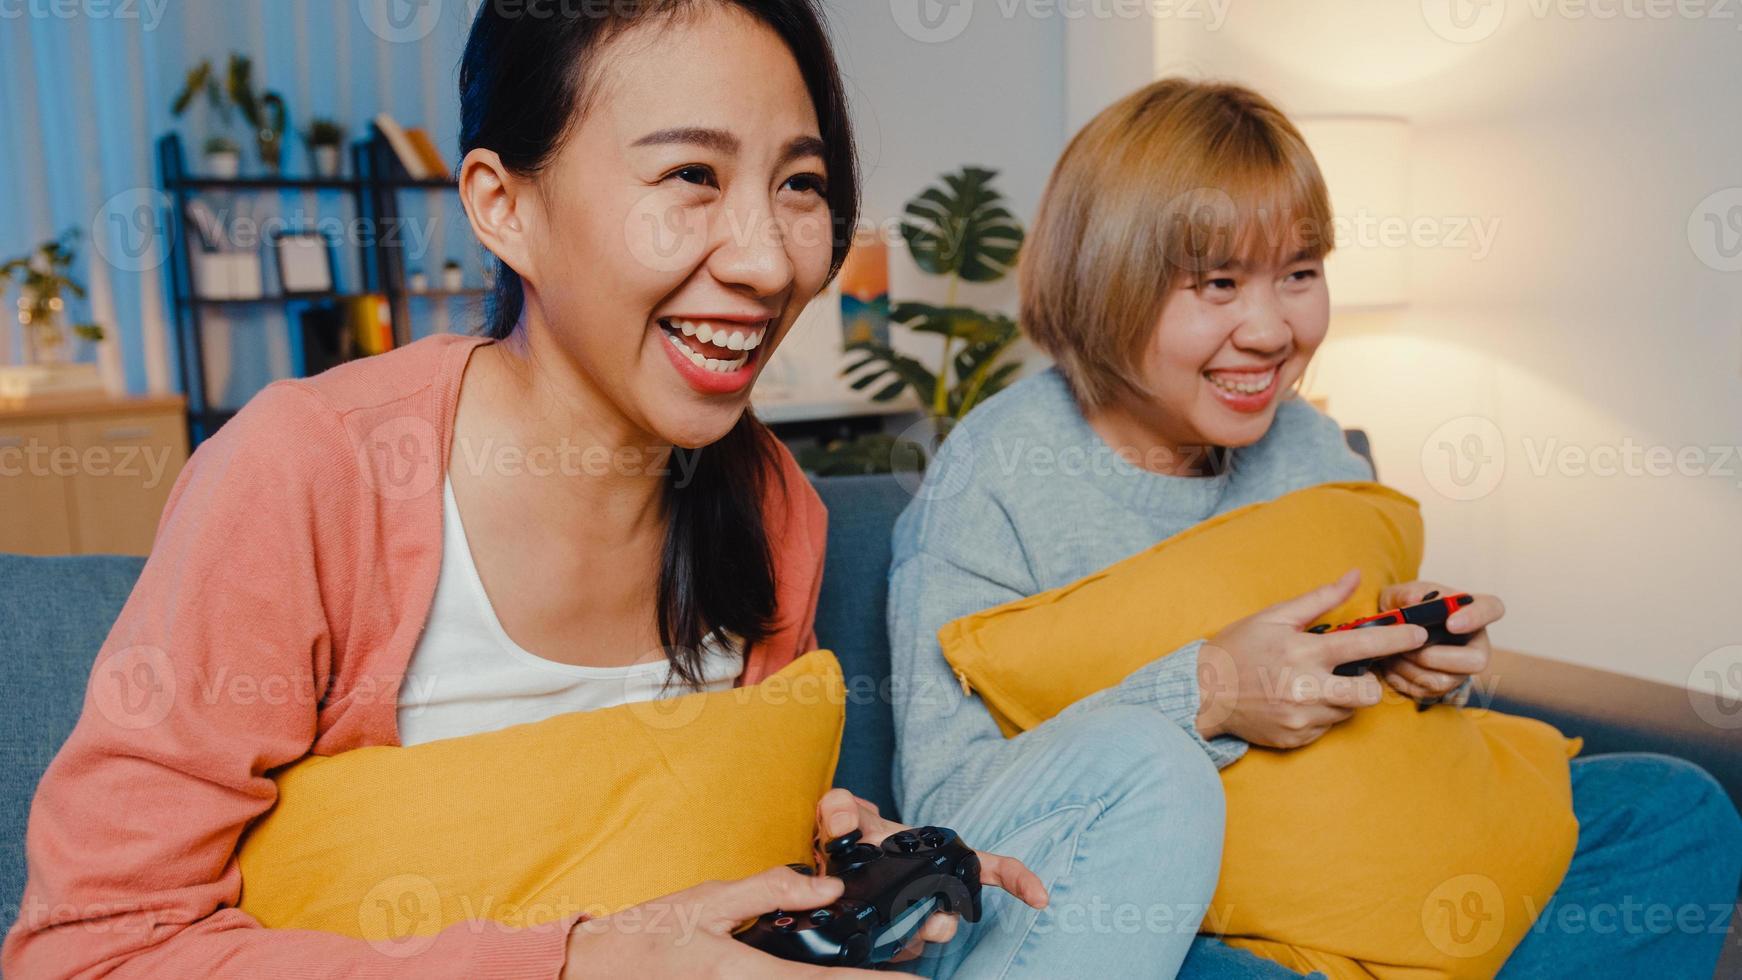 pareja de mujeres lesbianas lgbtq juegan videojuegos en casa. Señora joven de Asia que usa el controlador inalámbrico que tiene un momento feliz divertido en el sofá en la sala de estar por la noche. se divierten mucho y celebran las fiestas. foto